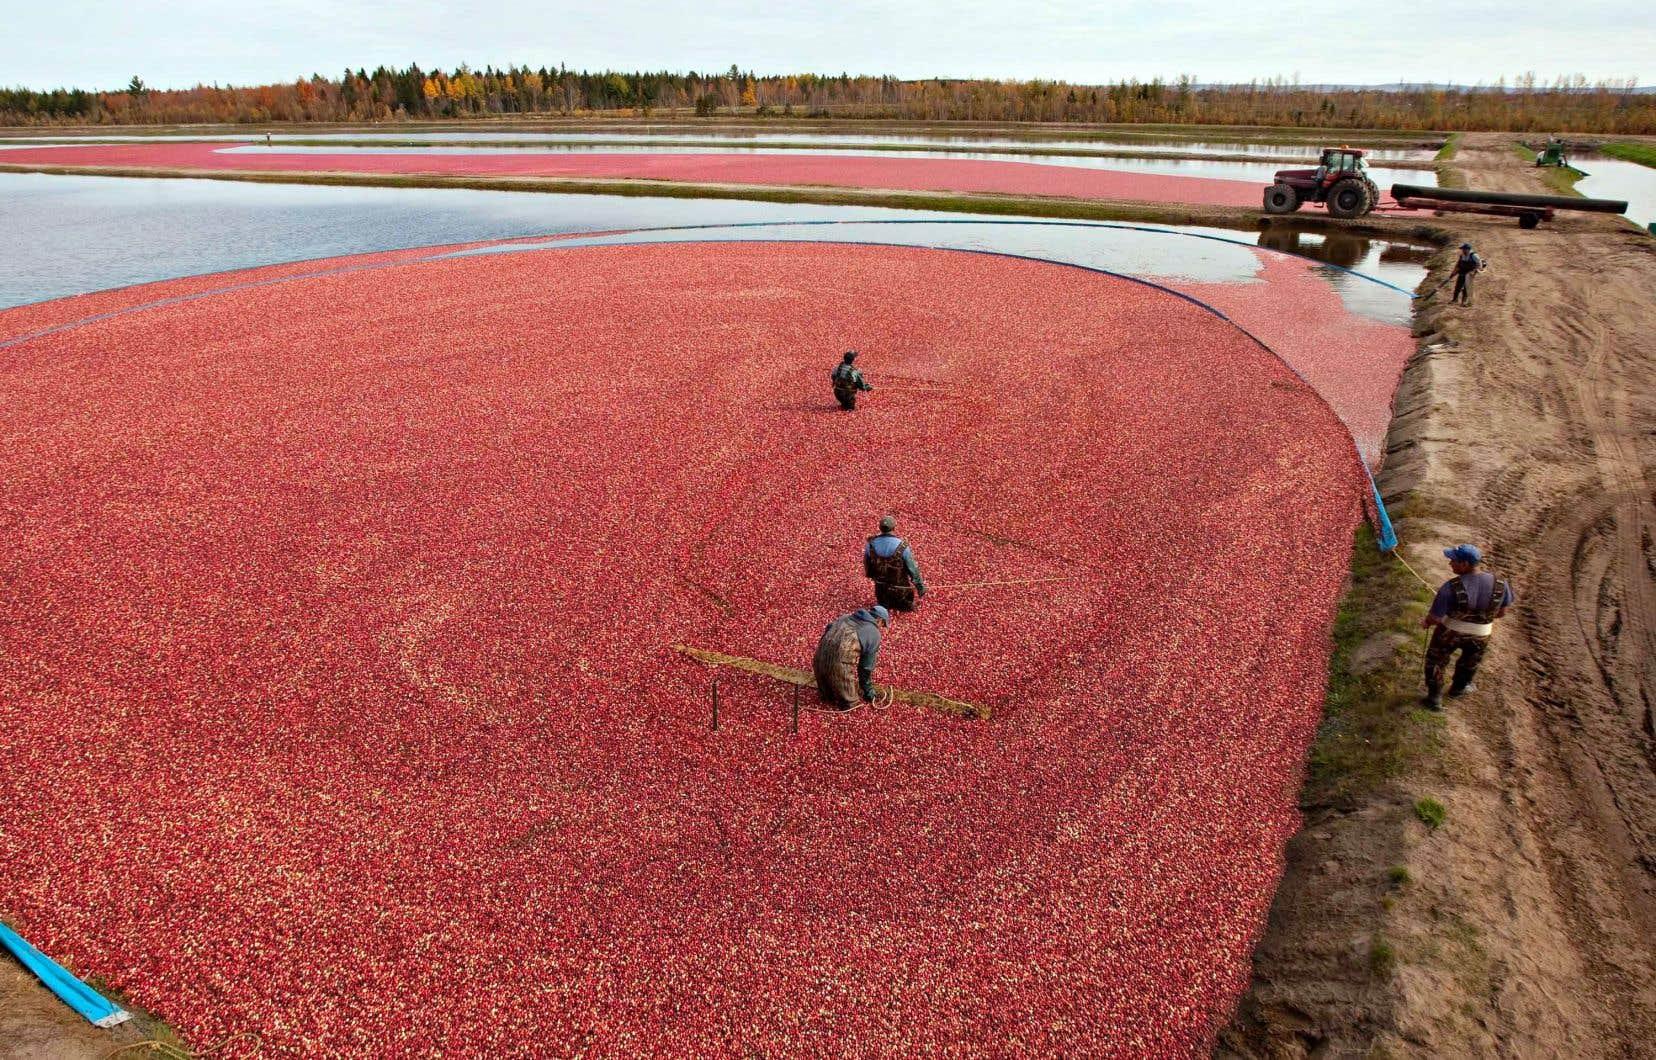 L'industrie québécoise de la canneberge dit générer des retombées économiques de 121 millions par an.